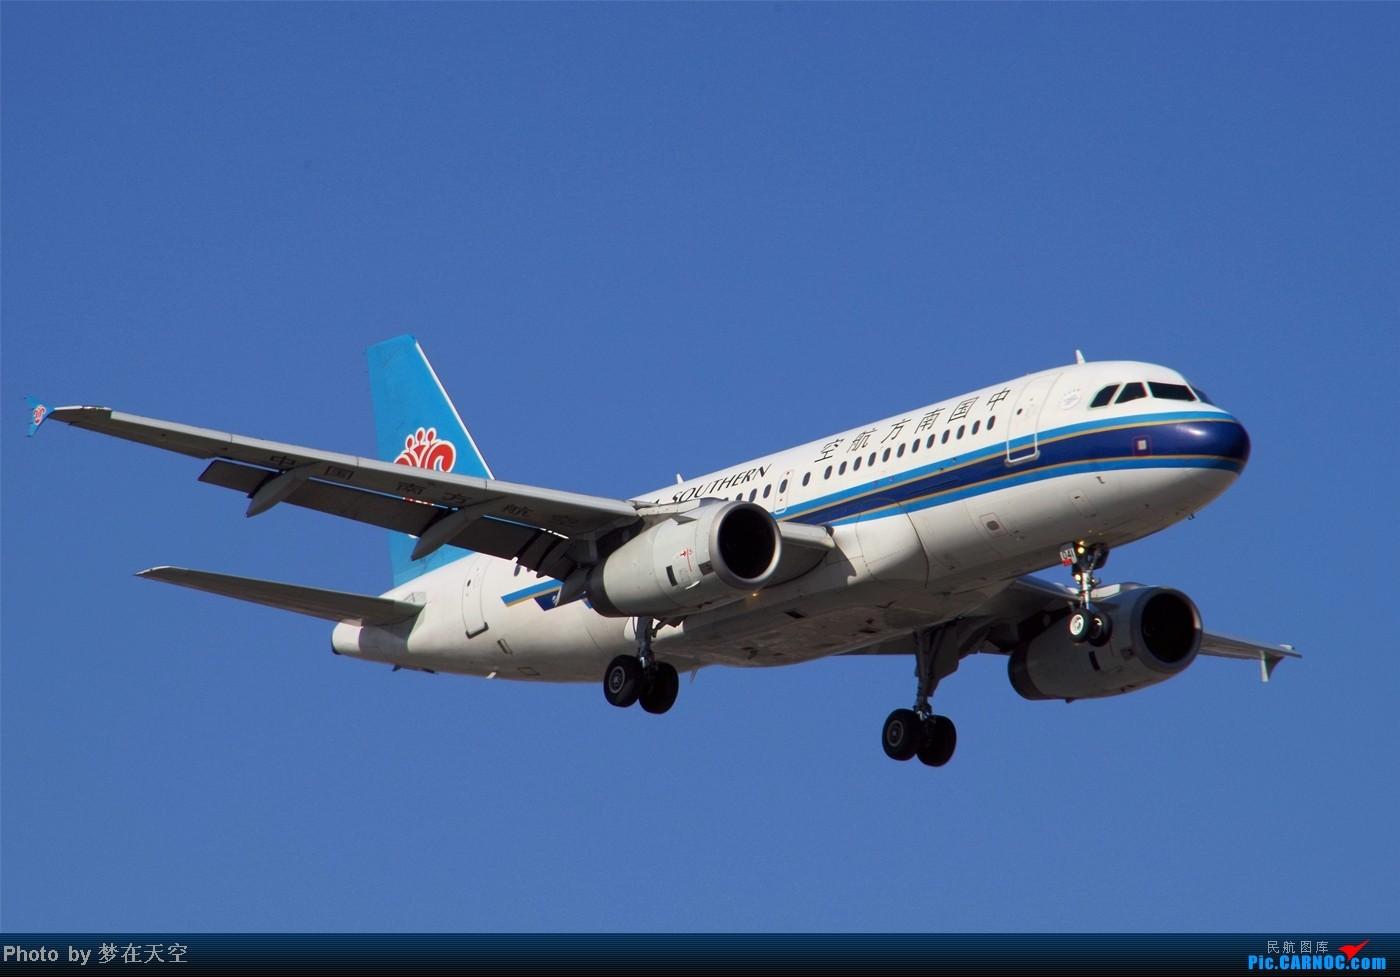 [原创]【DLC拍机】 不要问DLC有啥机型 要看DLC不缺啥 AIRBUS A319  中国大连周水子机场